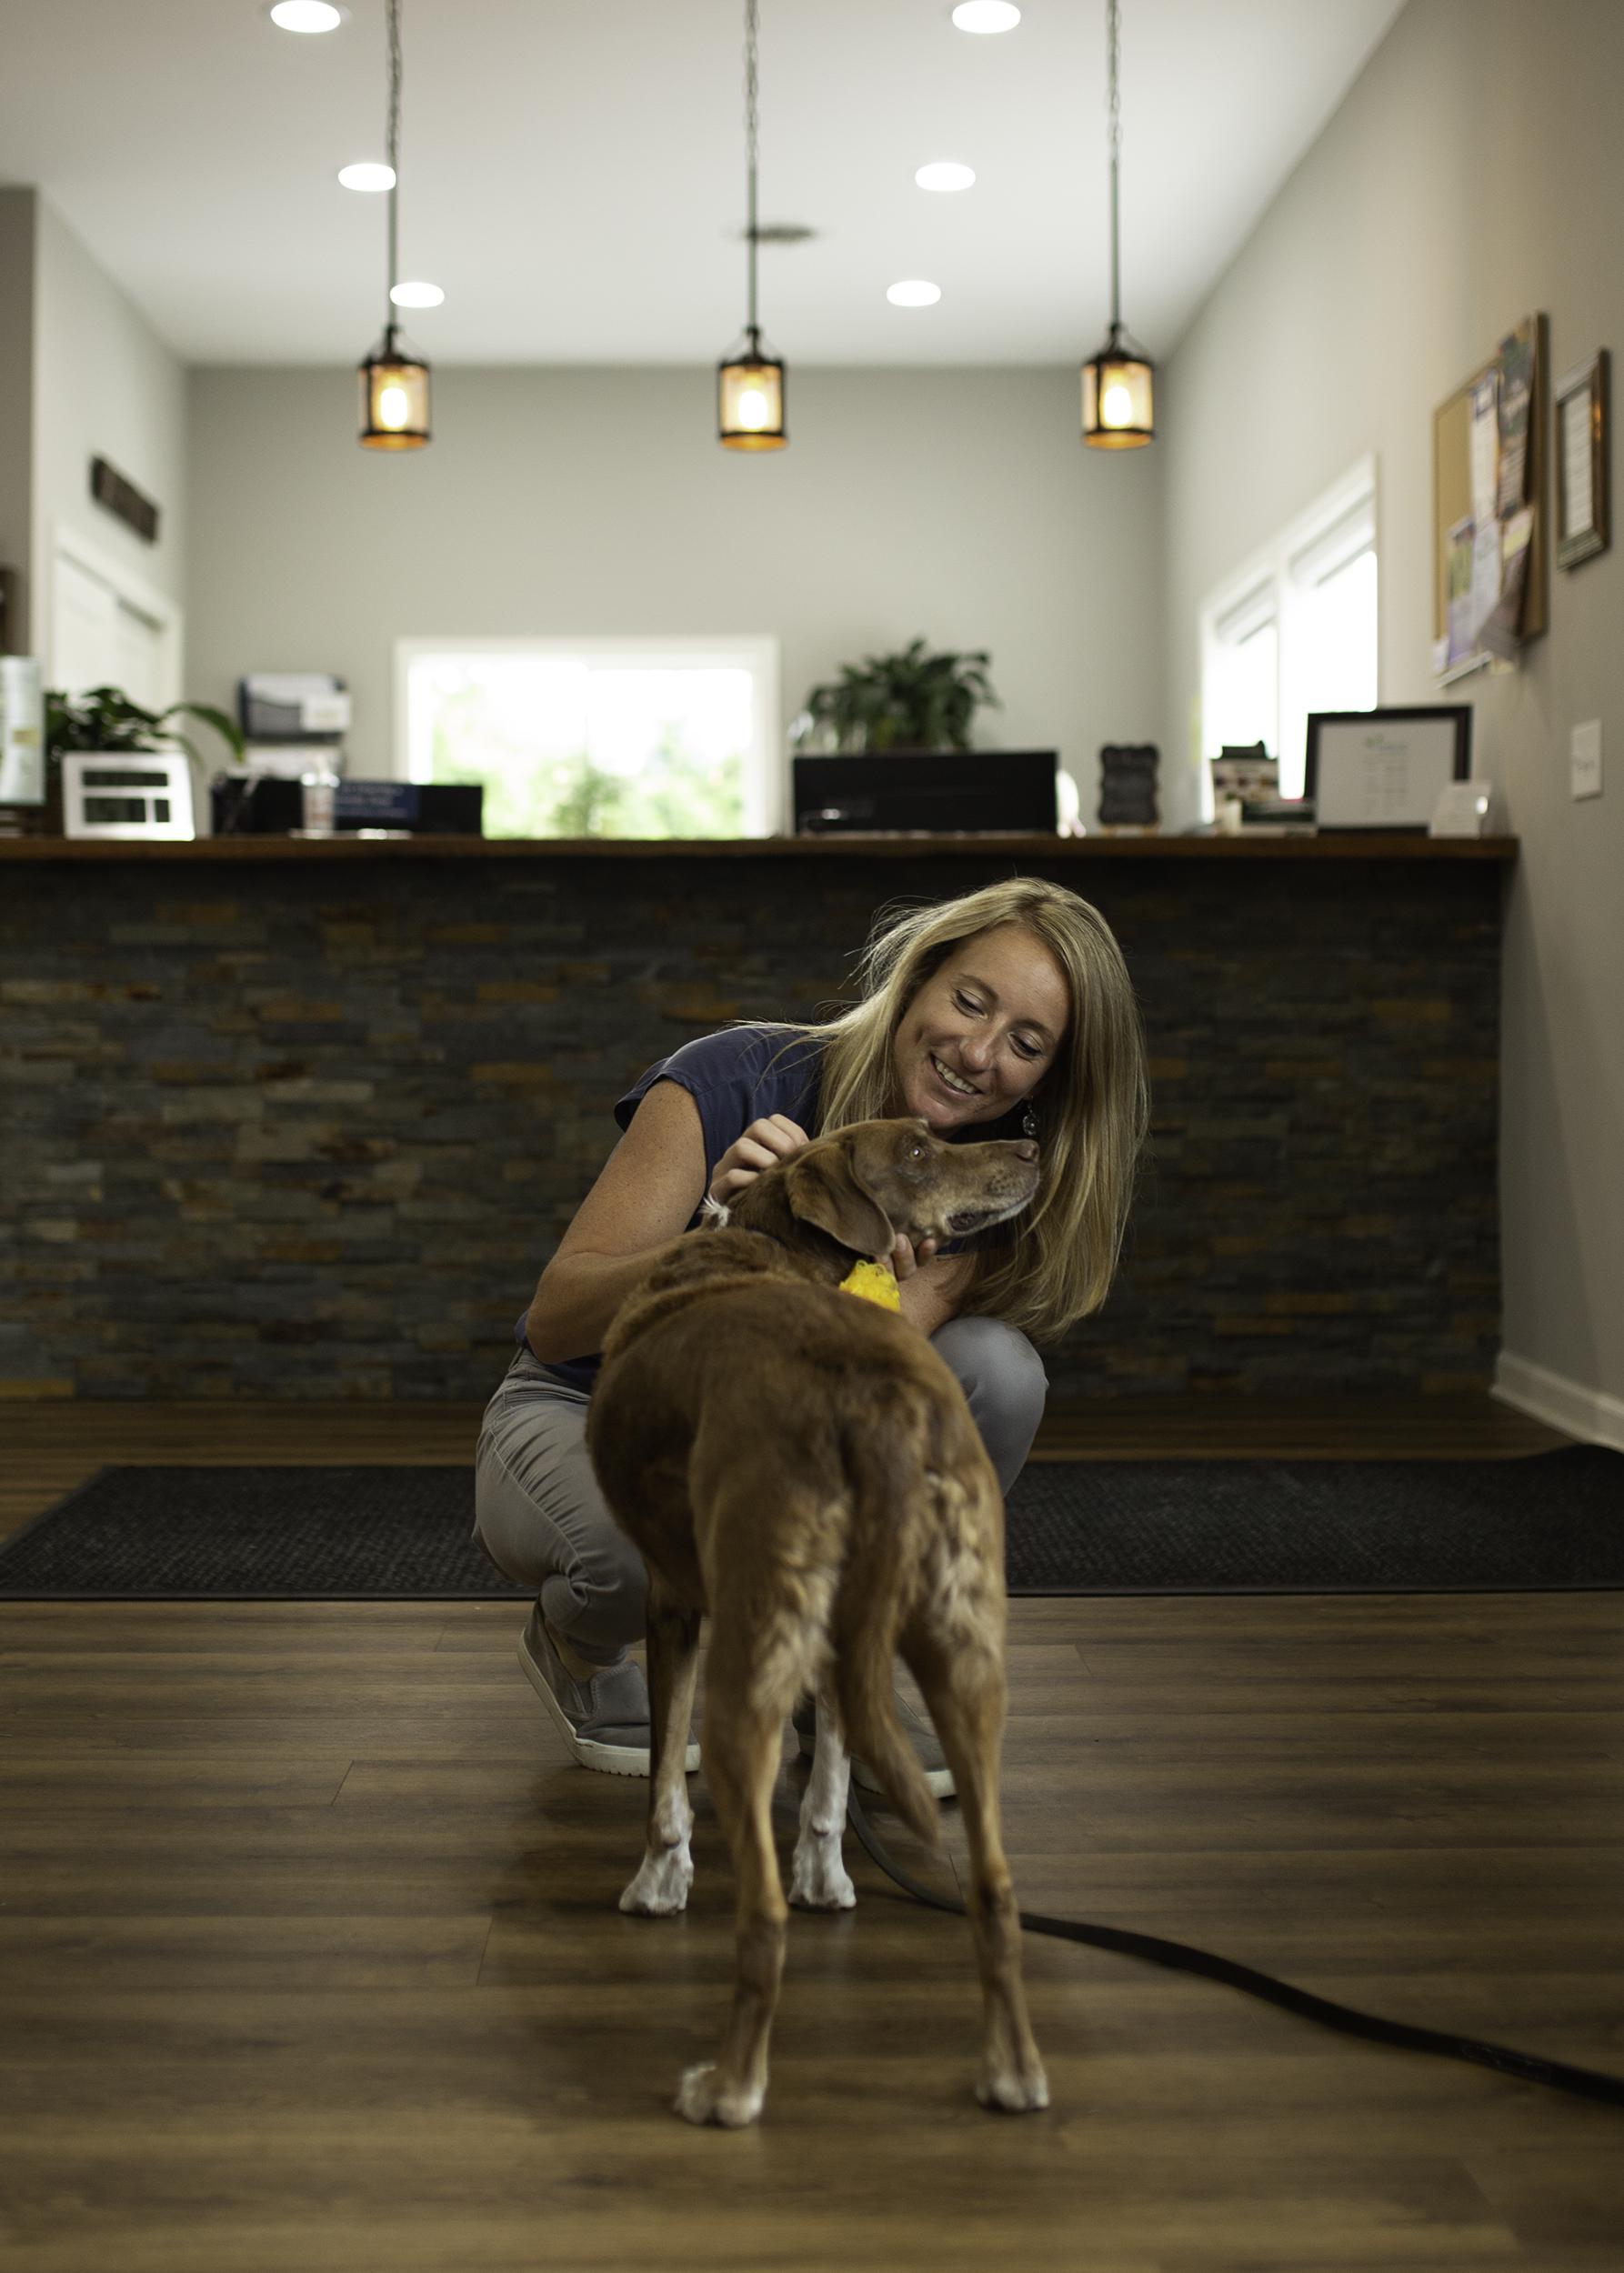 chiropractor-pets-dog-chosen-spot-erin-cunningham-photography-canandaigua-new-york.jpg